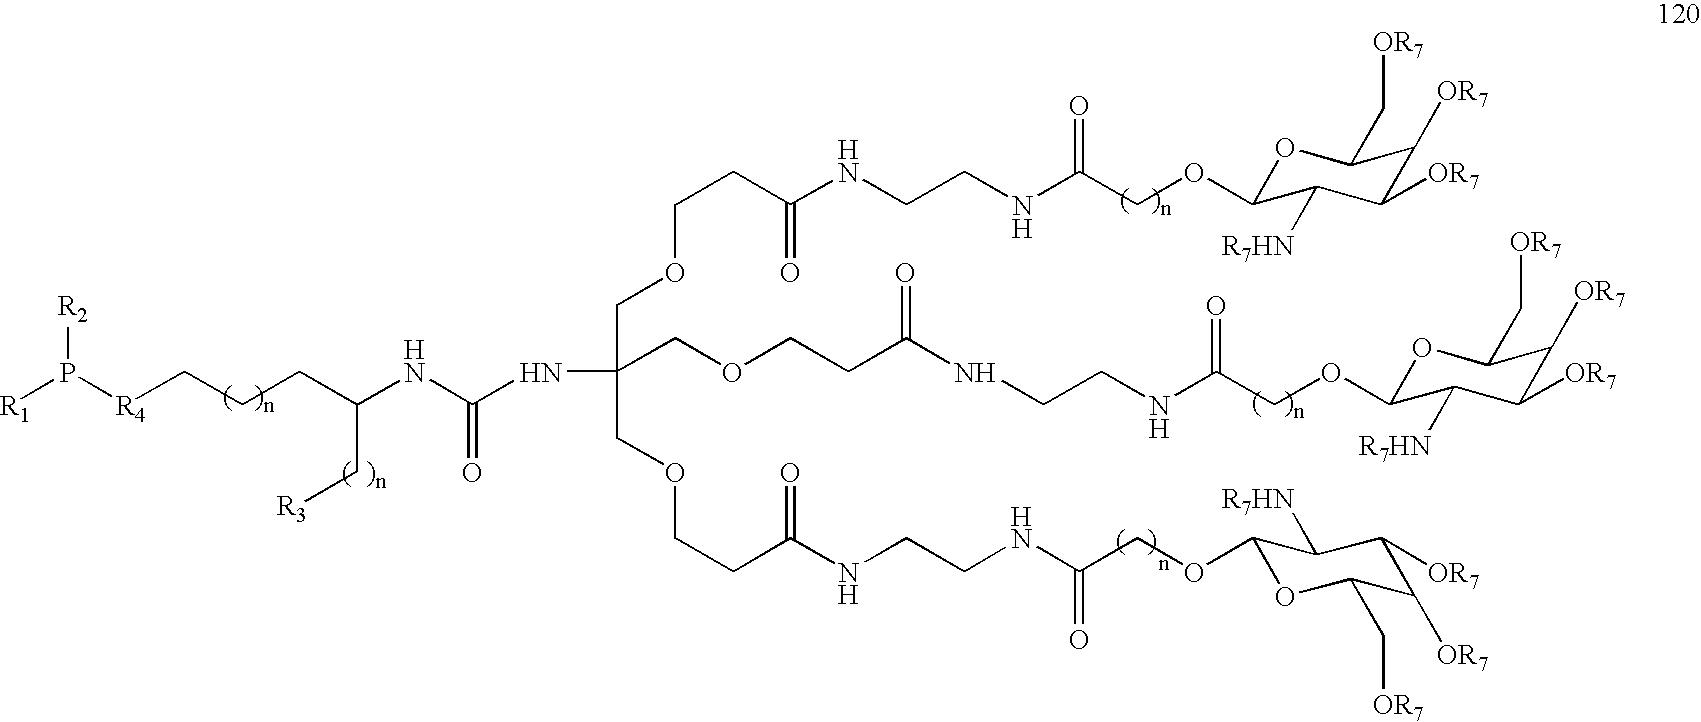 Figure US20050020525A1-20050127-C00084